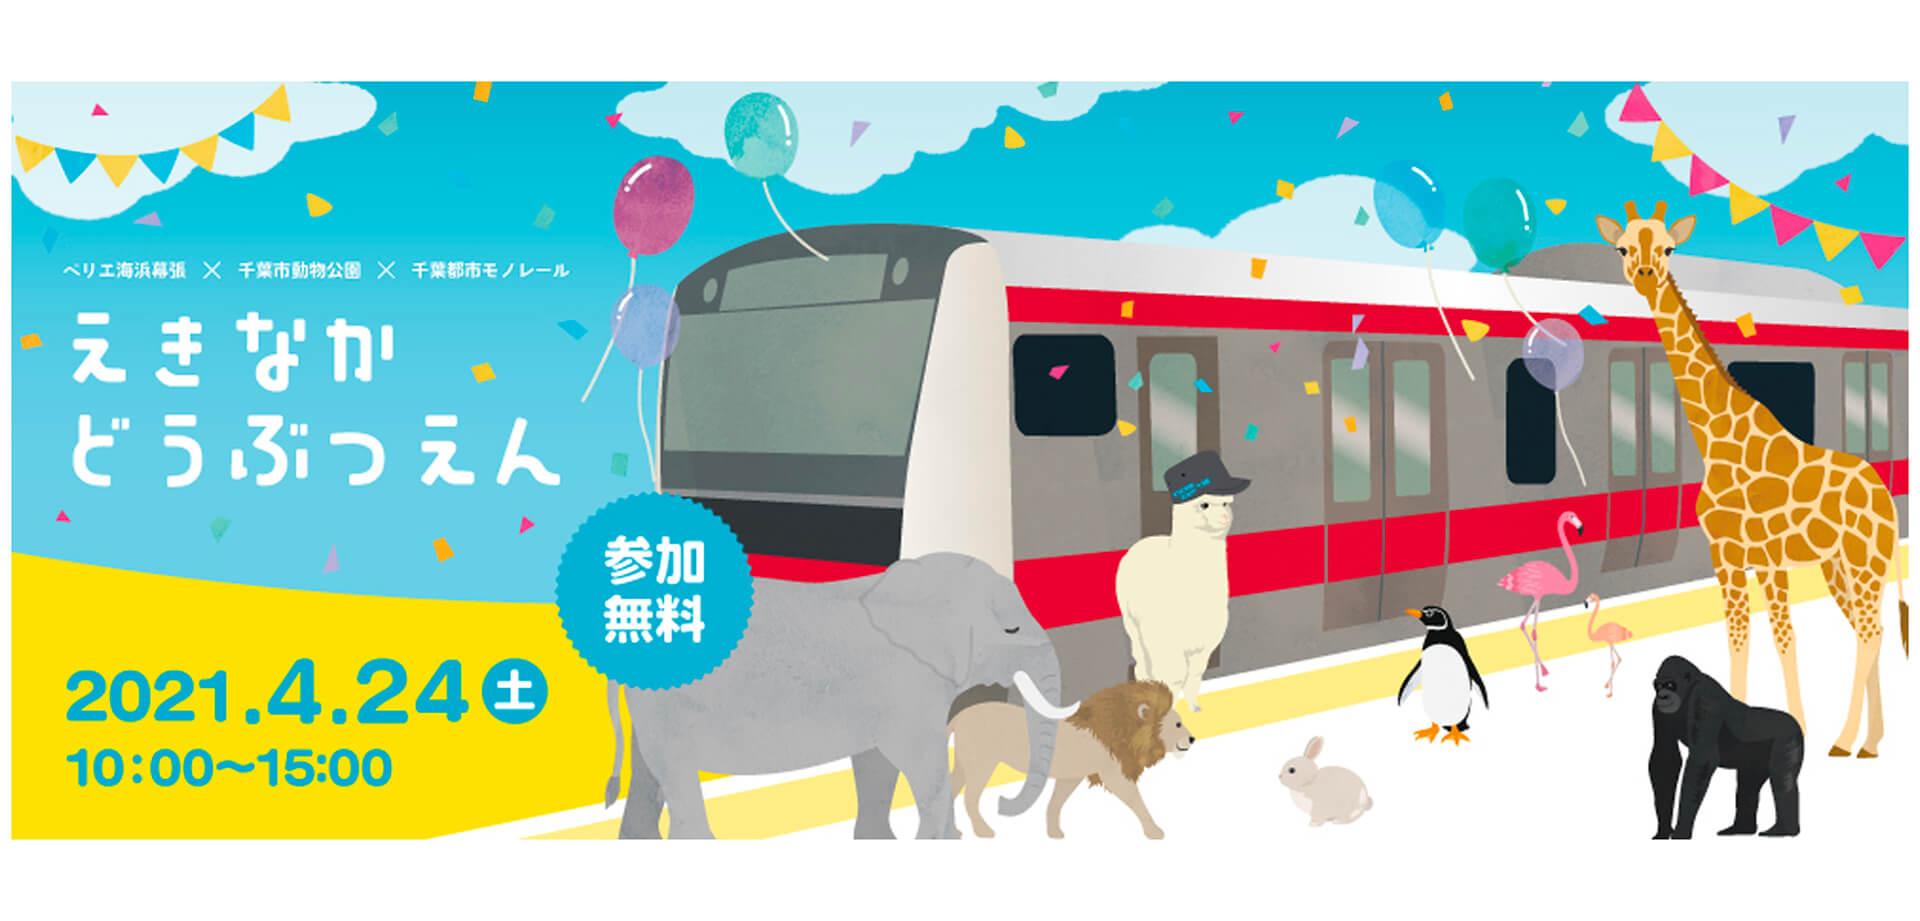 ペリエ海浜幕張×千葉市動物公園×千葉都市モノレール「えきなかどうぶつえん」